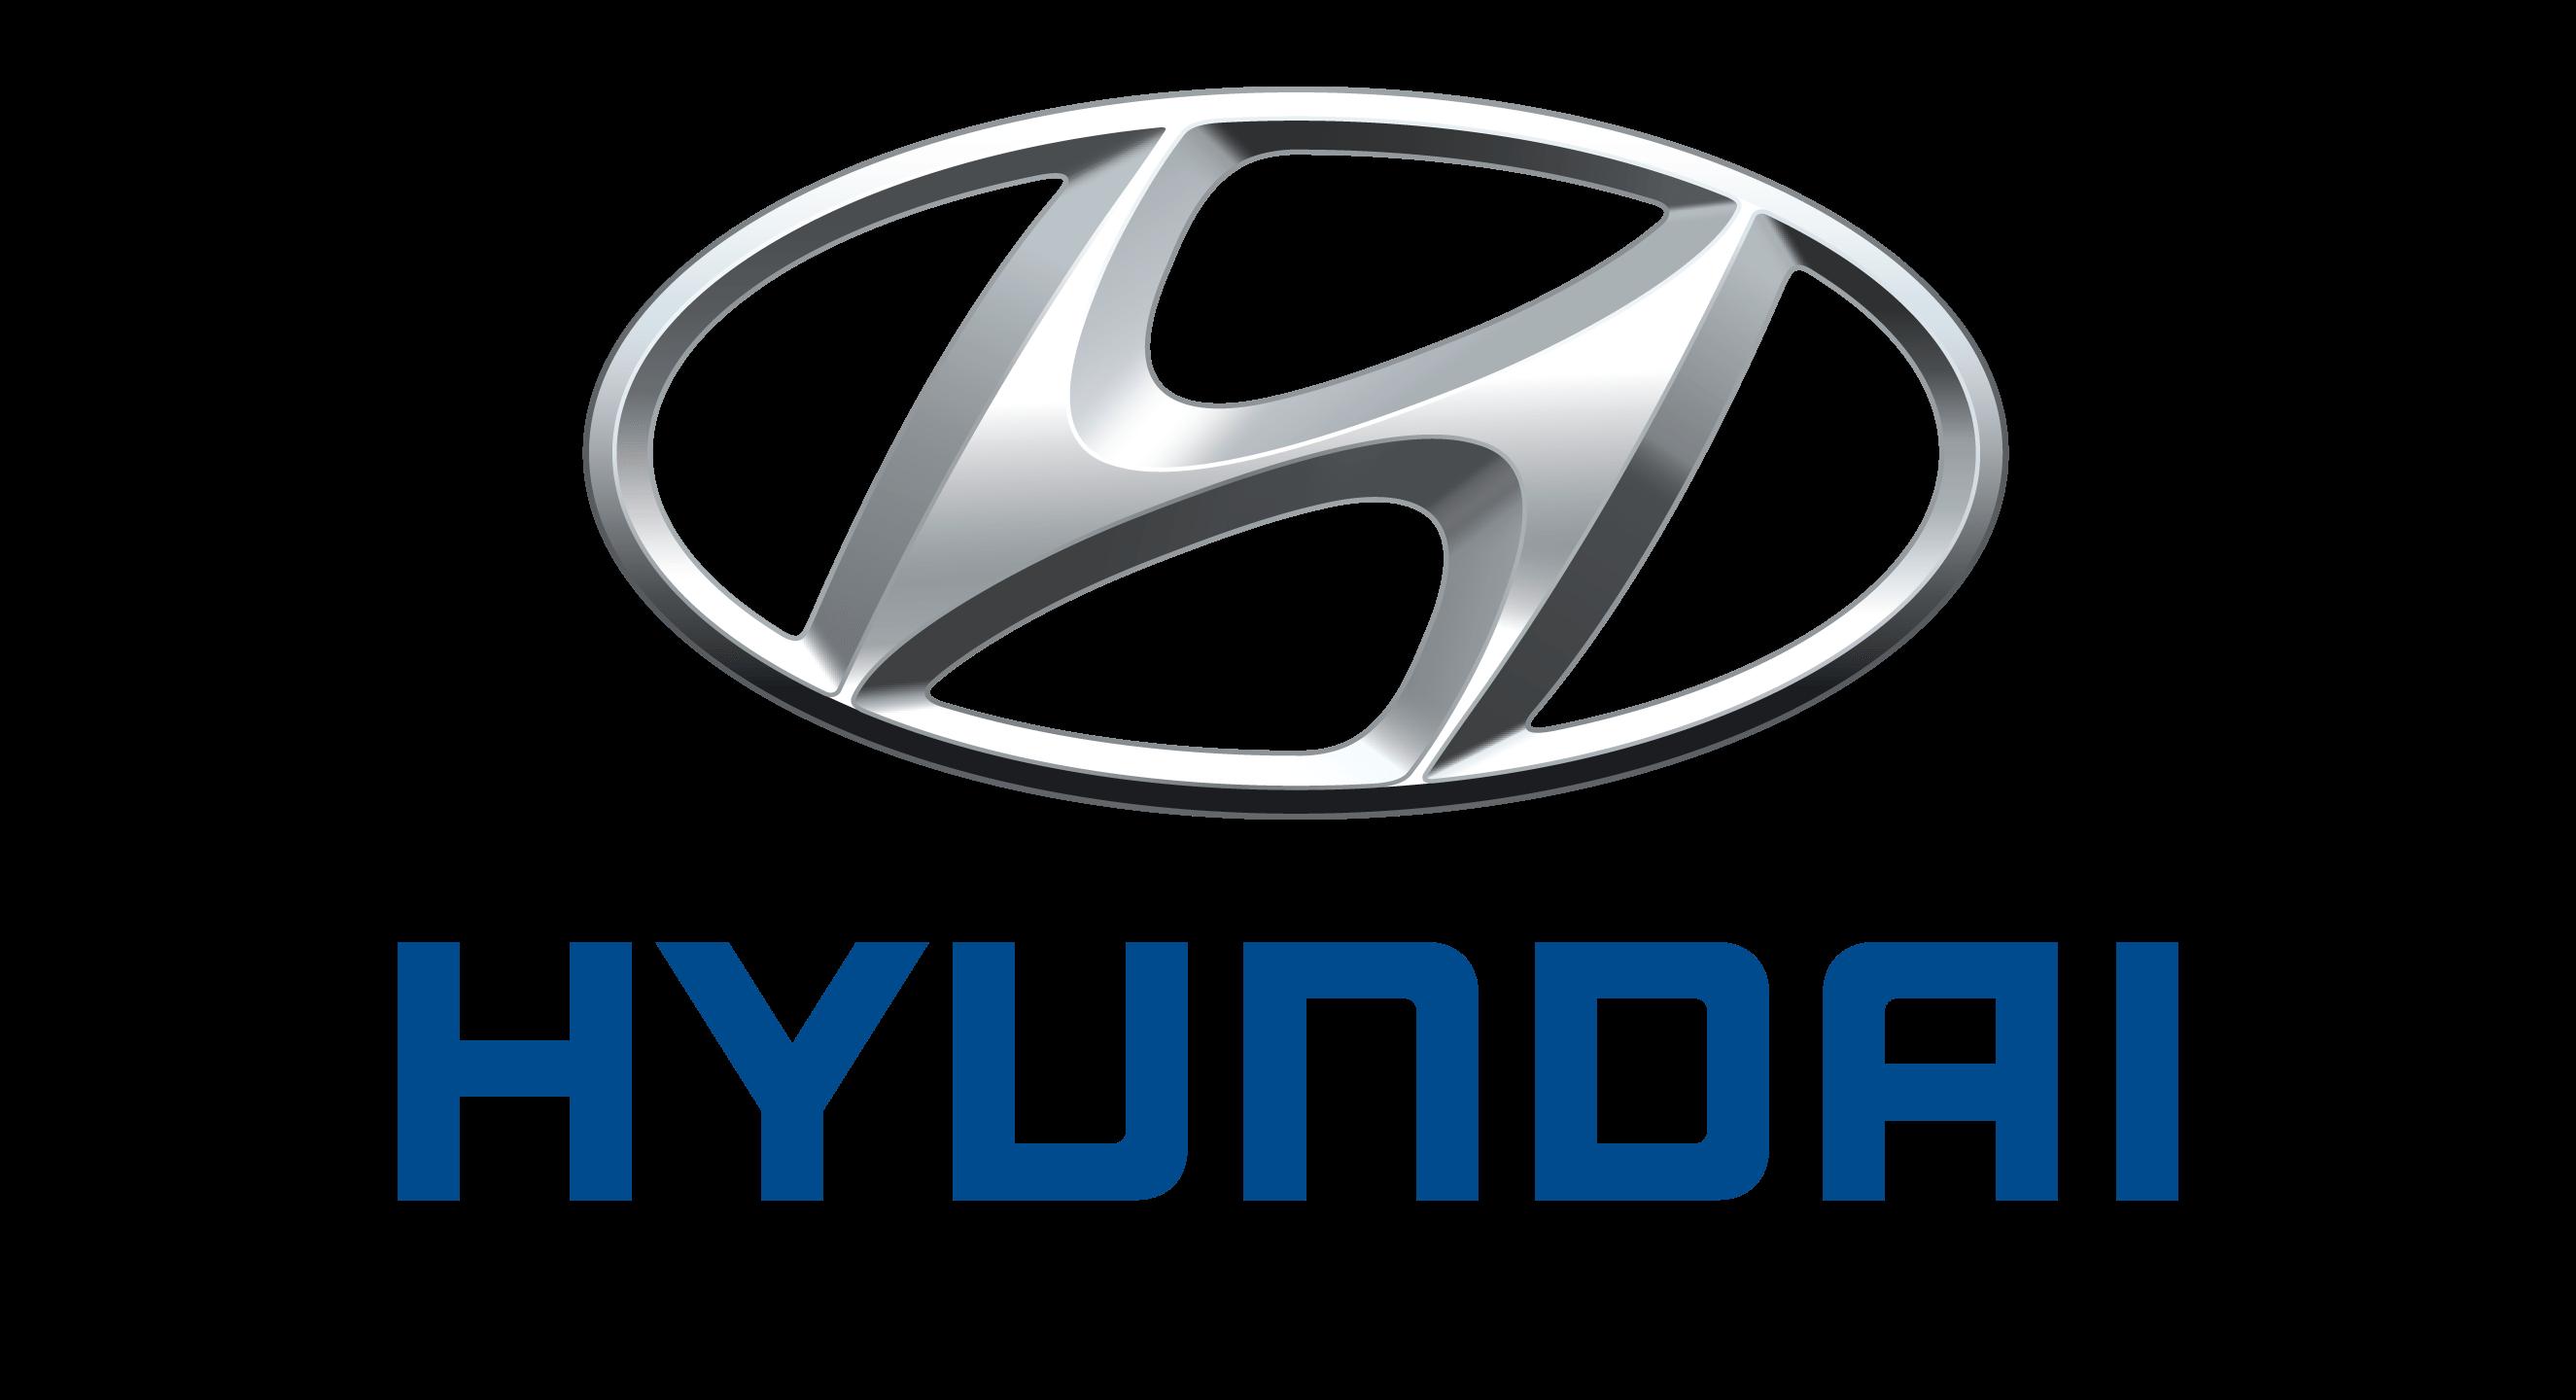 Car Logo Hyundai transparent PNG.